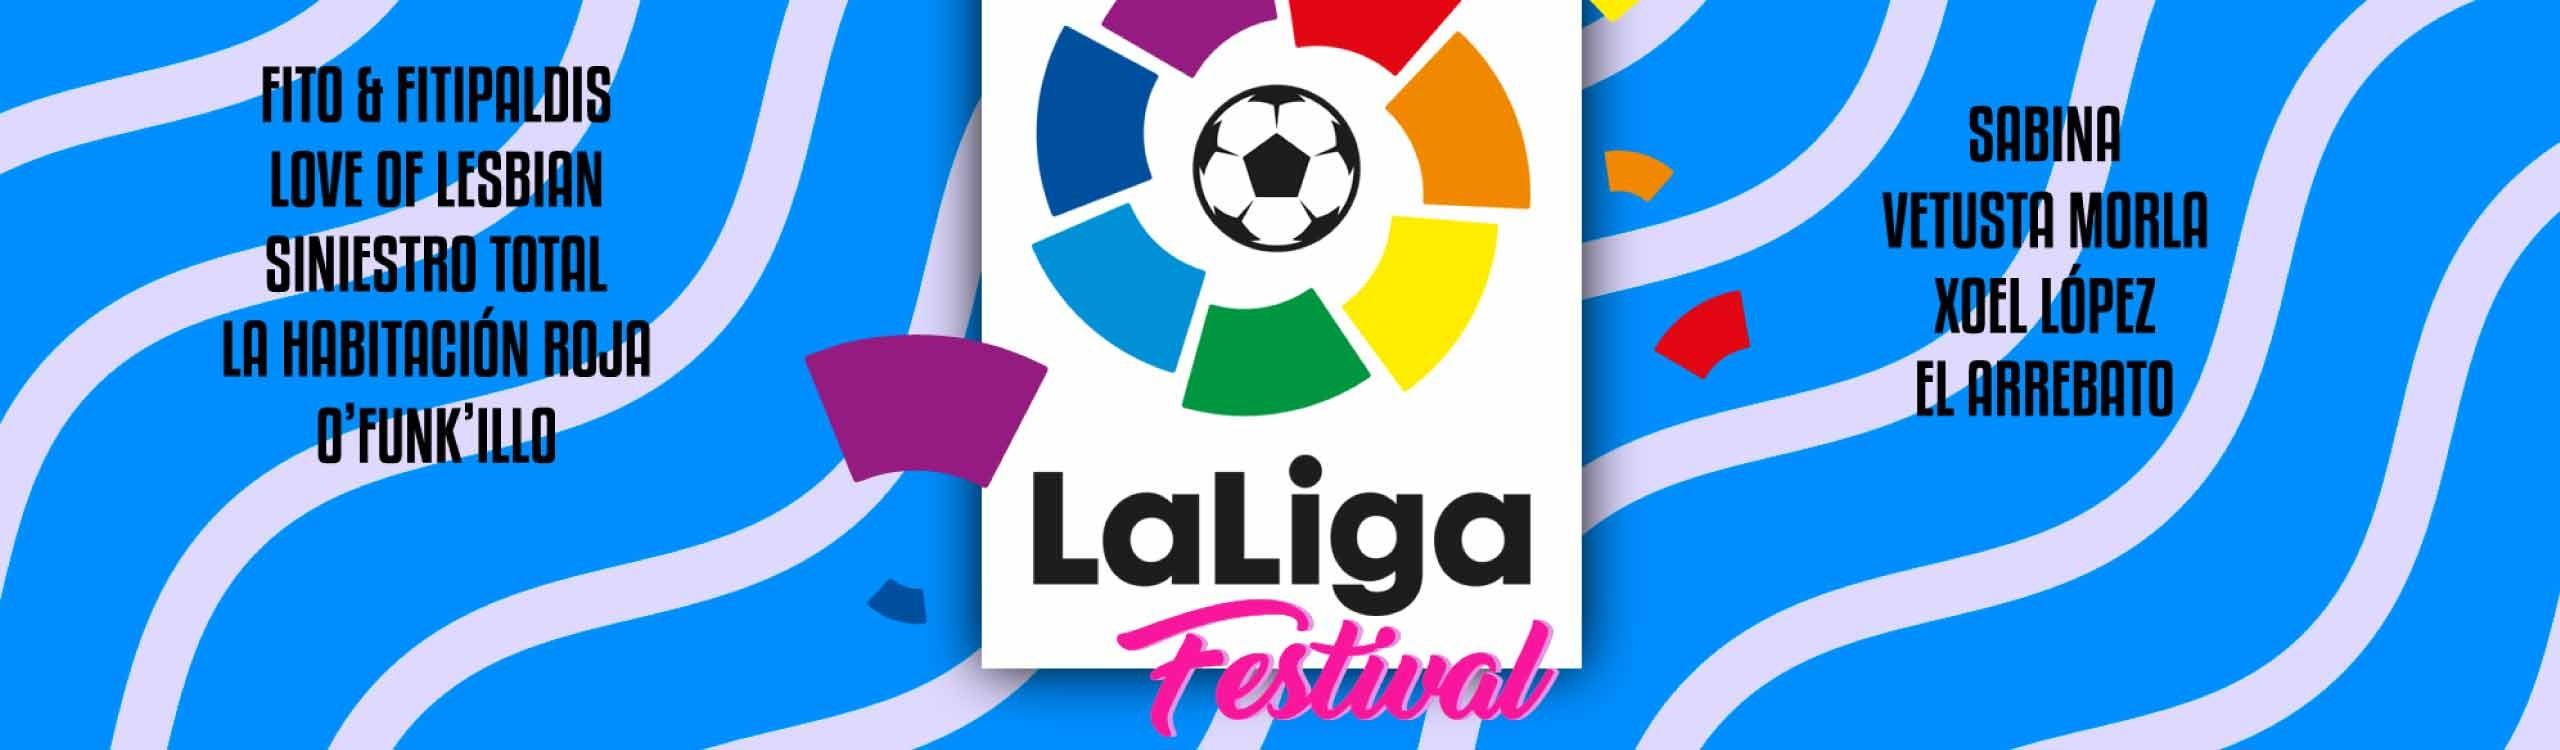 laliga-festival-destacado